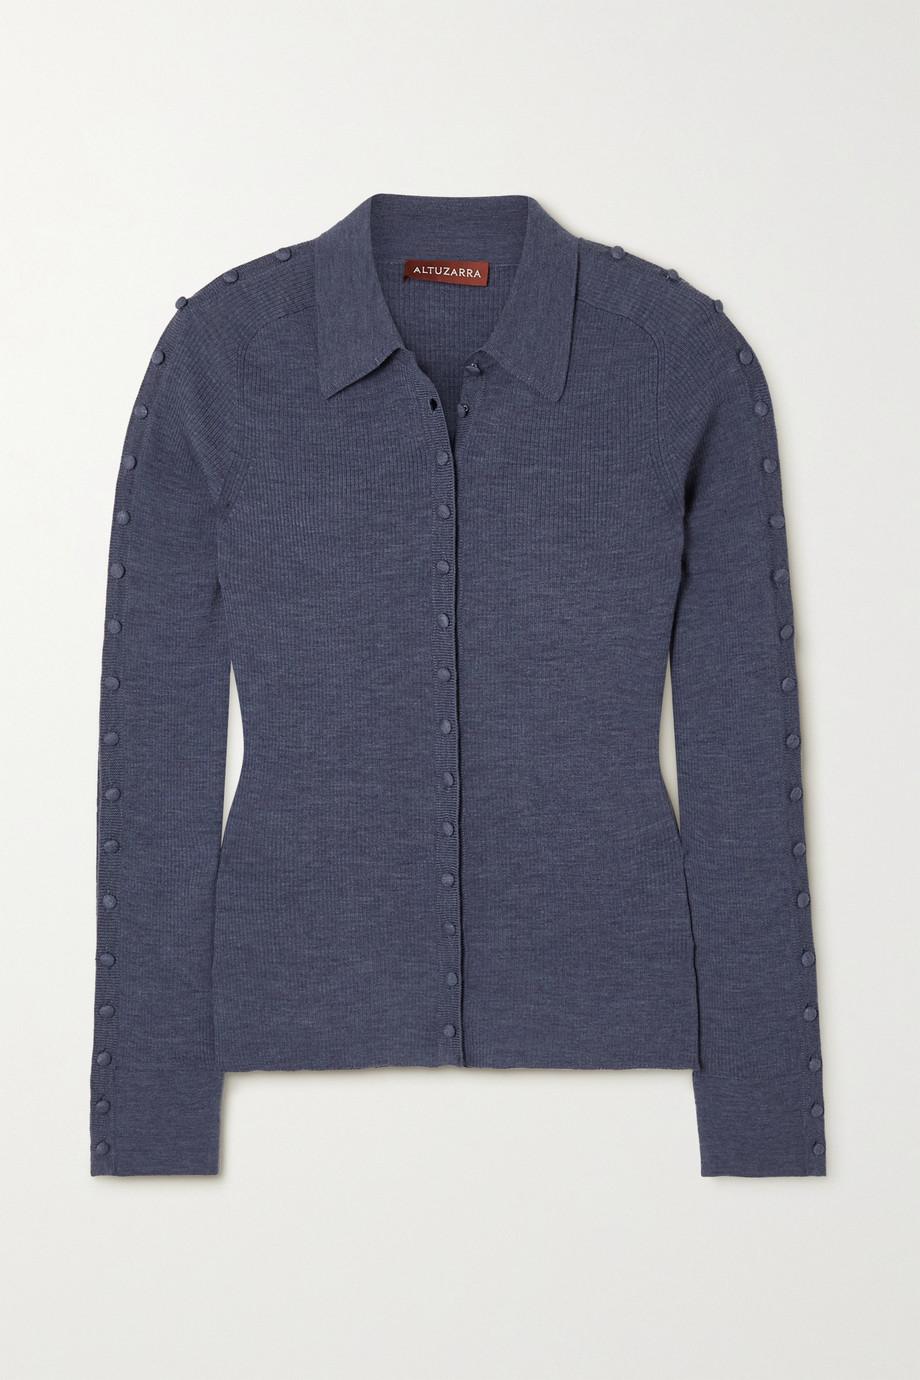 Altuzarra Hill Hemd aus einer gerippten Wollmischung mit Knöpfen